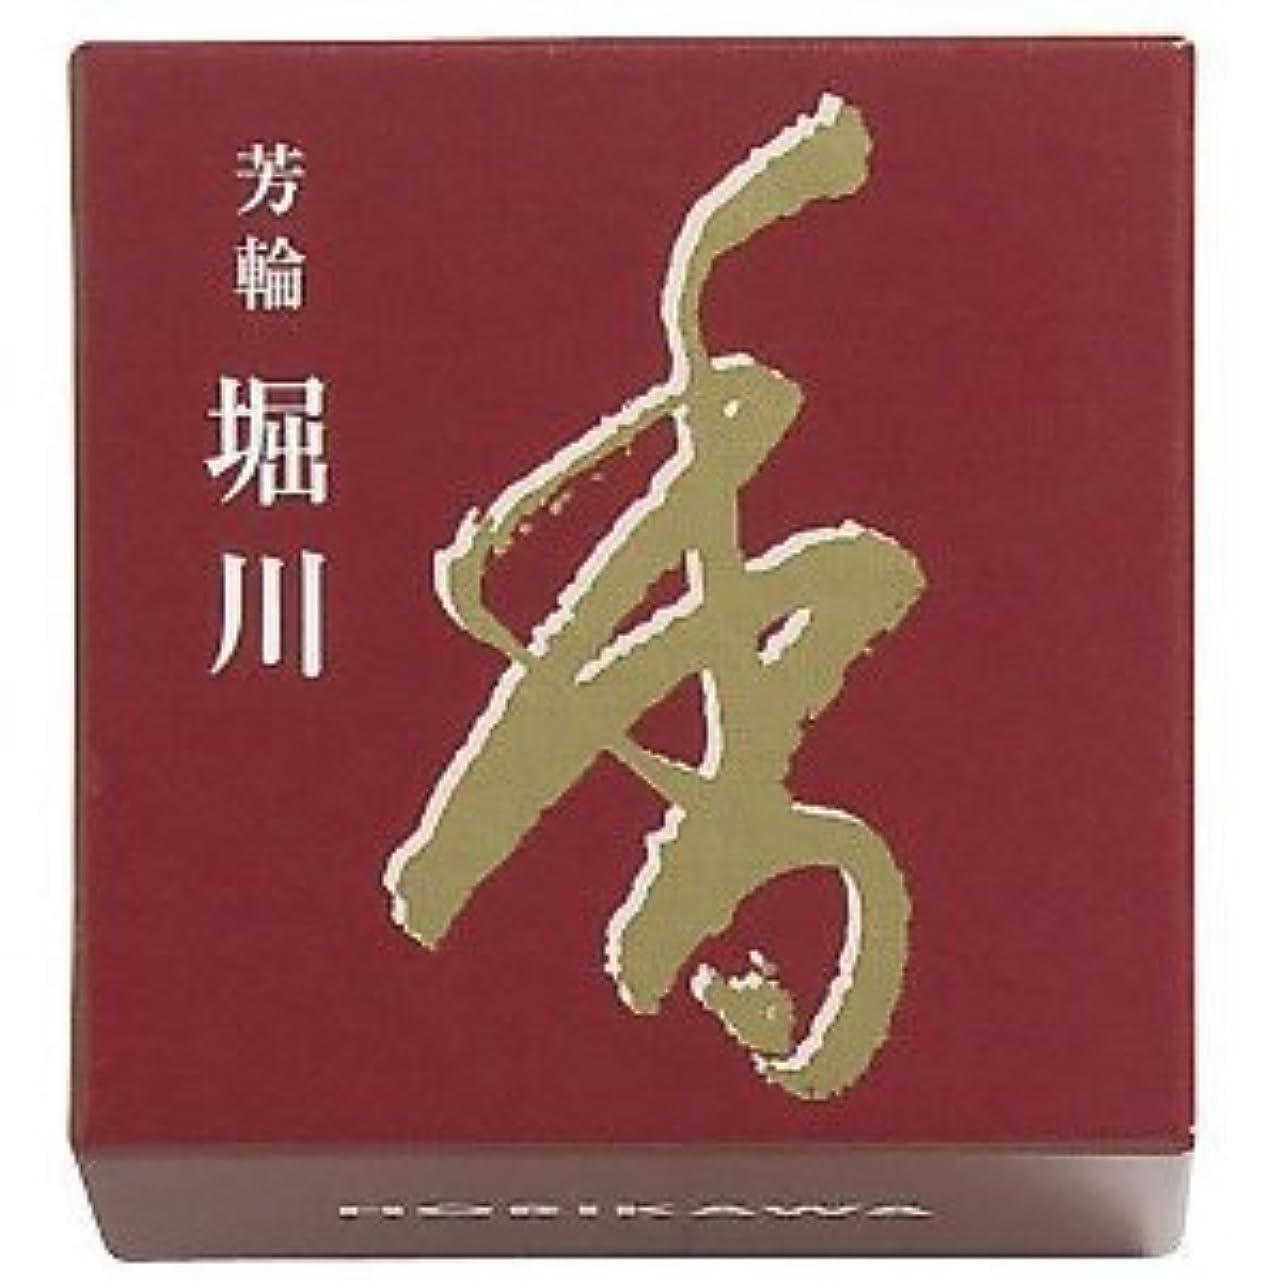 あいさつ相互タバコ松栄堂 芳輪 堀川 渦巻型10枚入